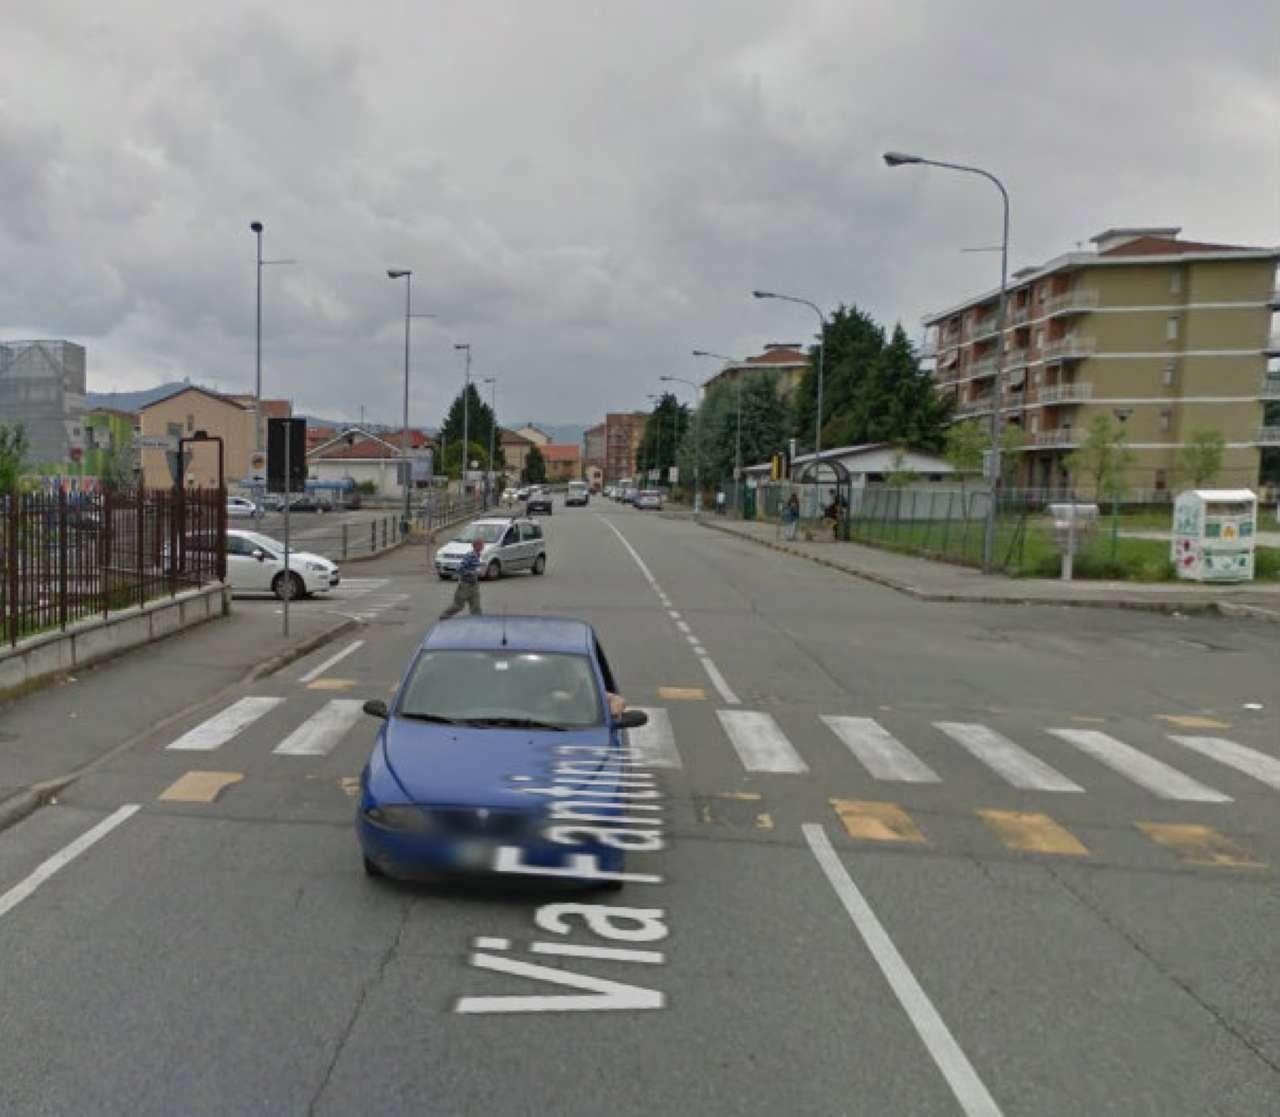 Settimo Torinese Affitto APPARTAMENTO Immagine 0